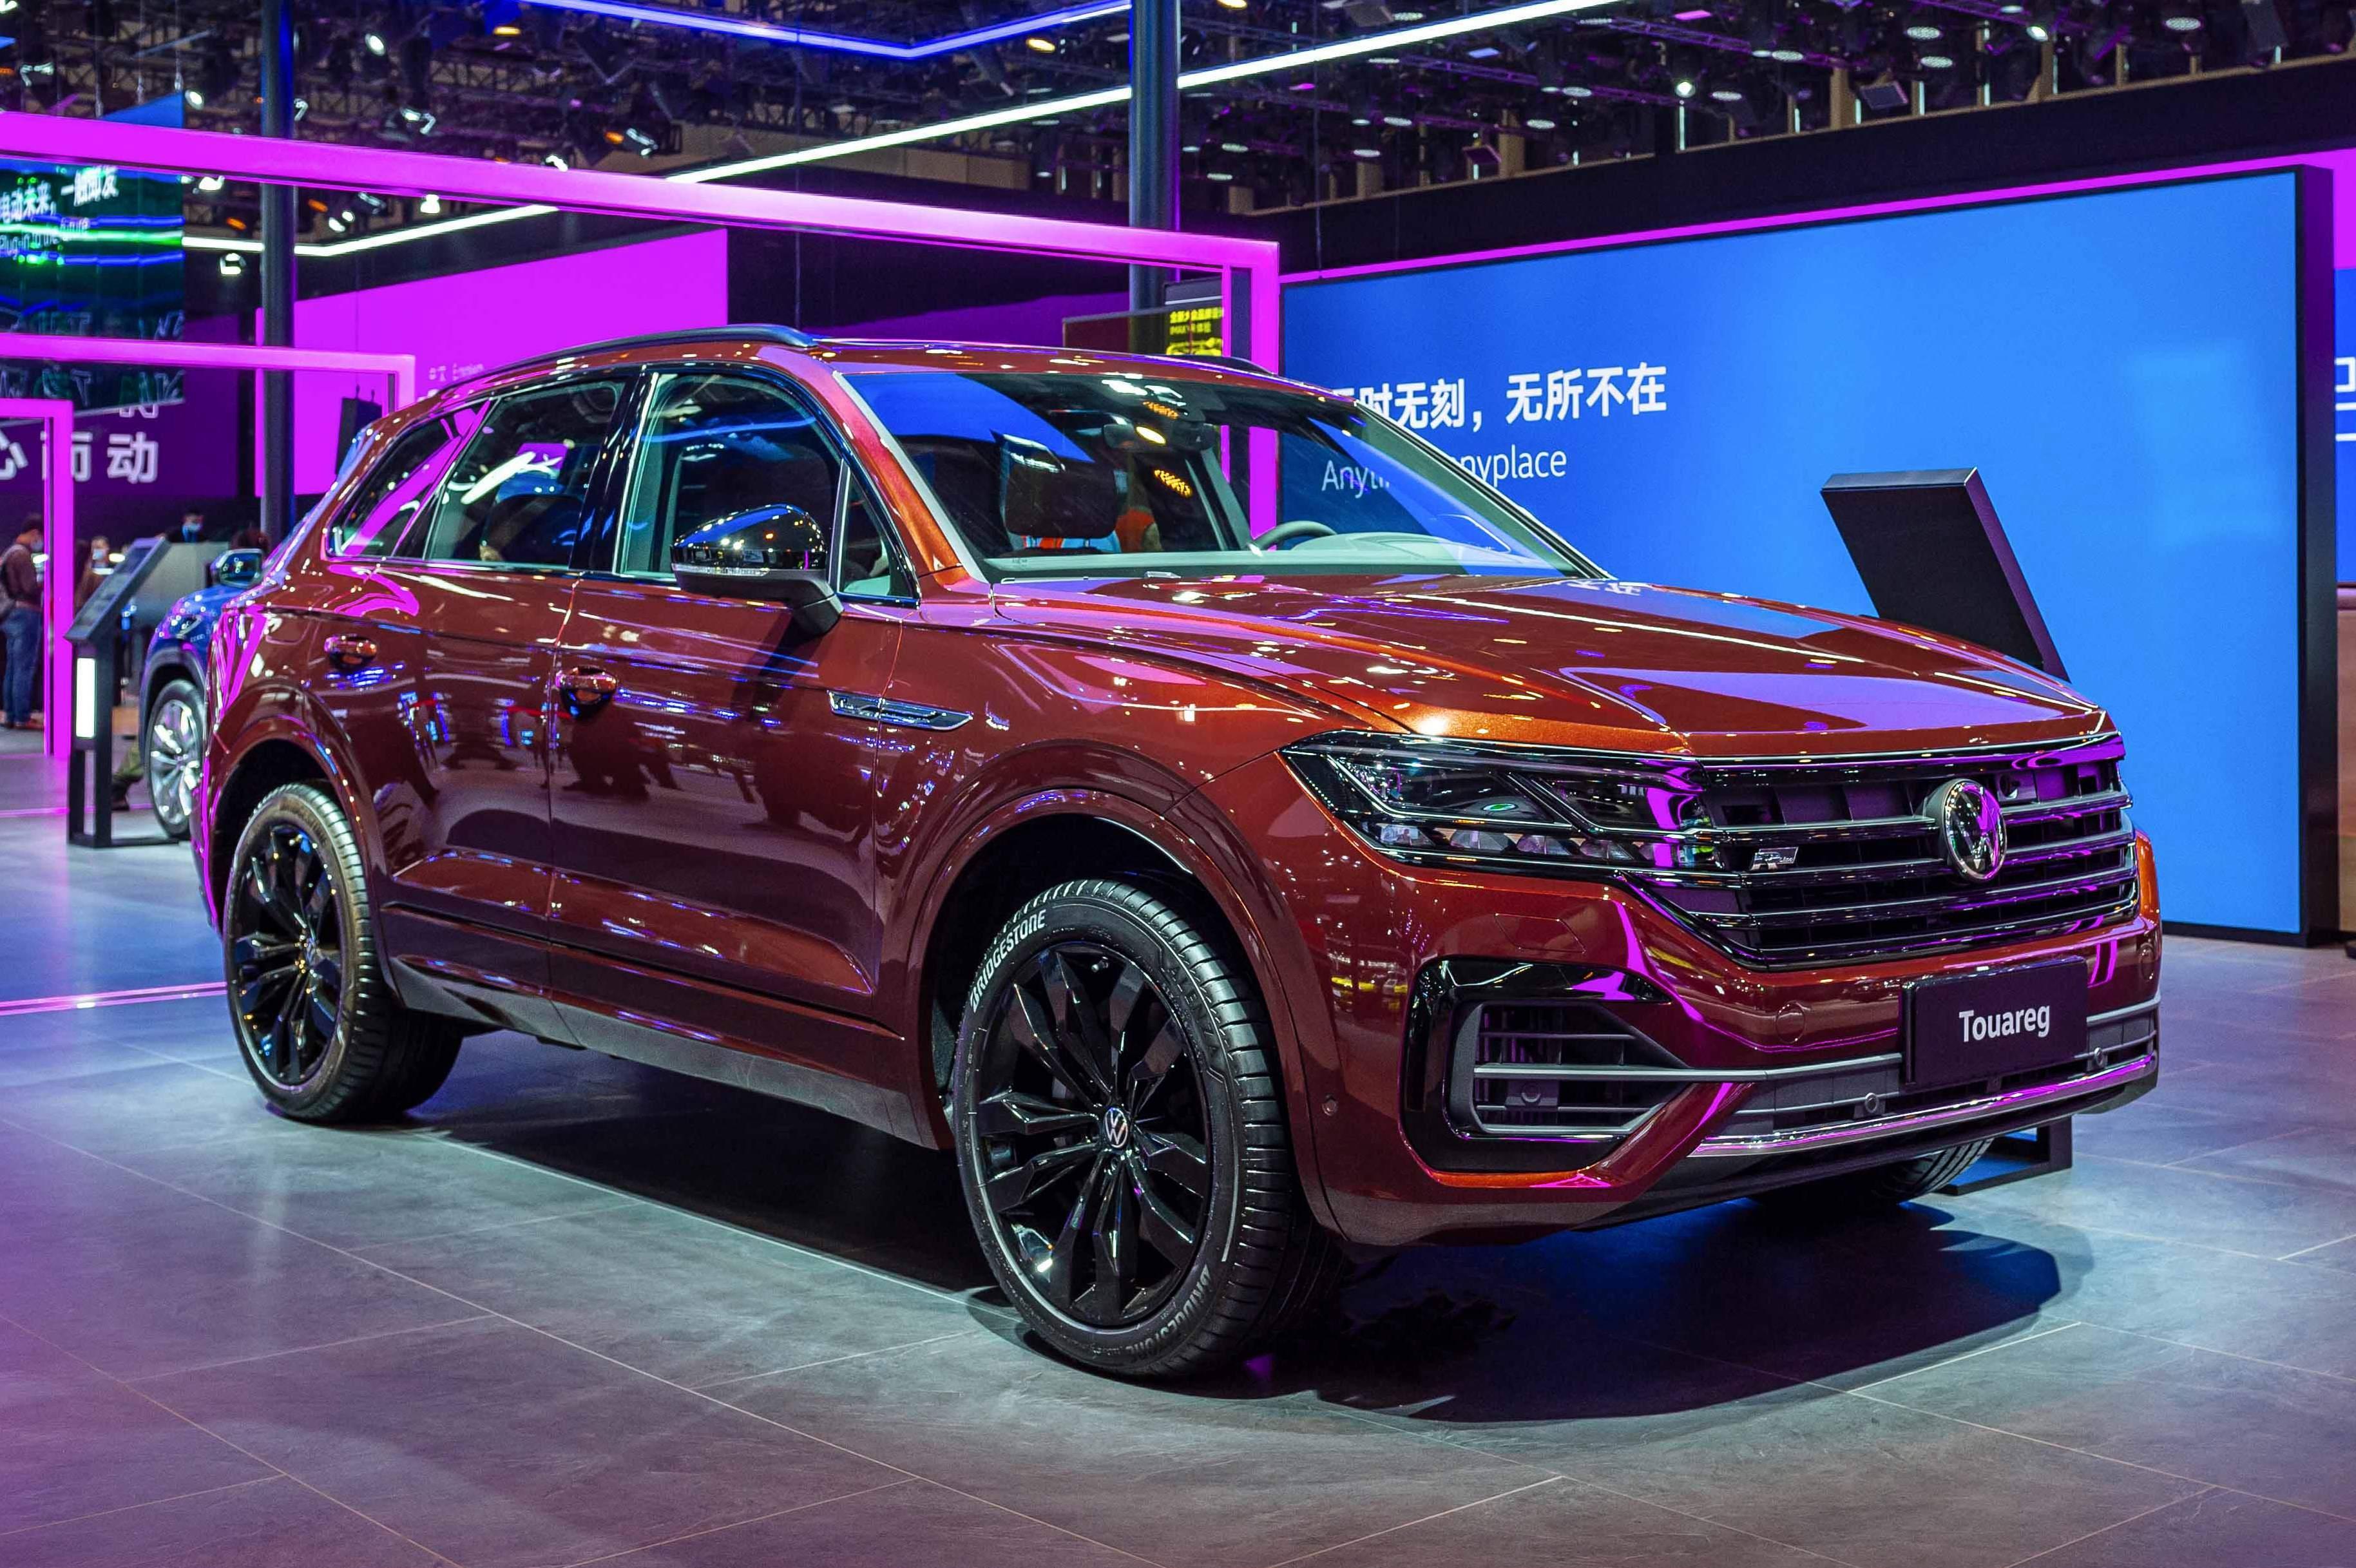 大众进口汽车携两款旗舰车型夺目亮相北京车展-新经济